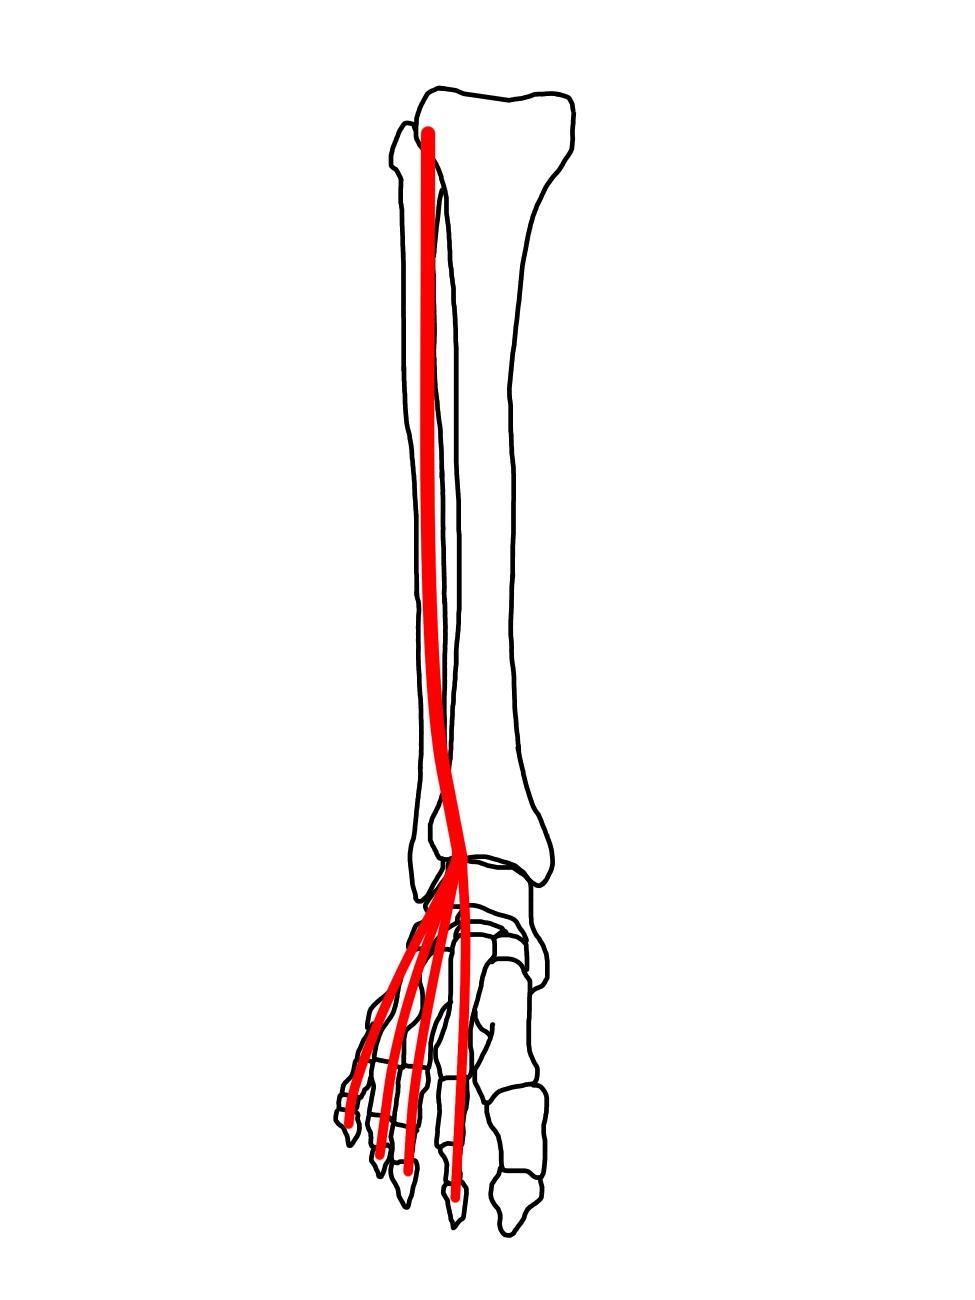 長趾伸筋の筋肉の走行のイメージ